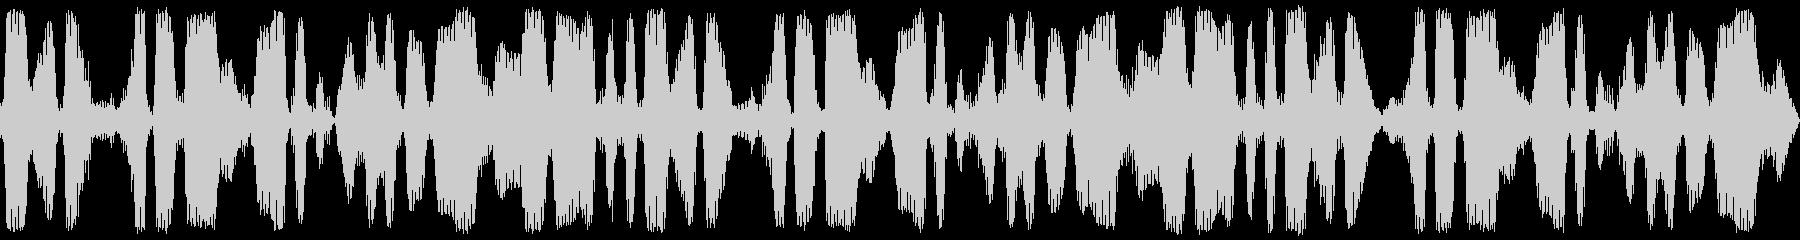 ループ再生可能!3分間の鈴虫・環境音の未再生の波形